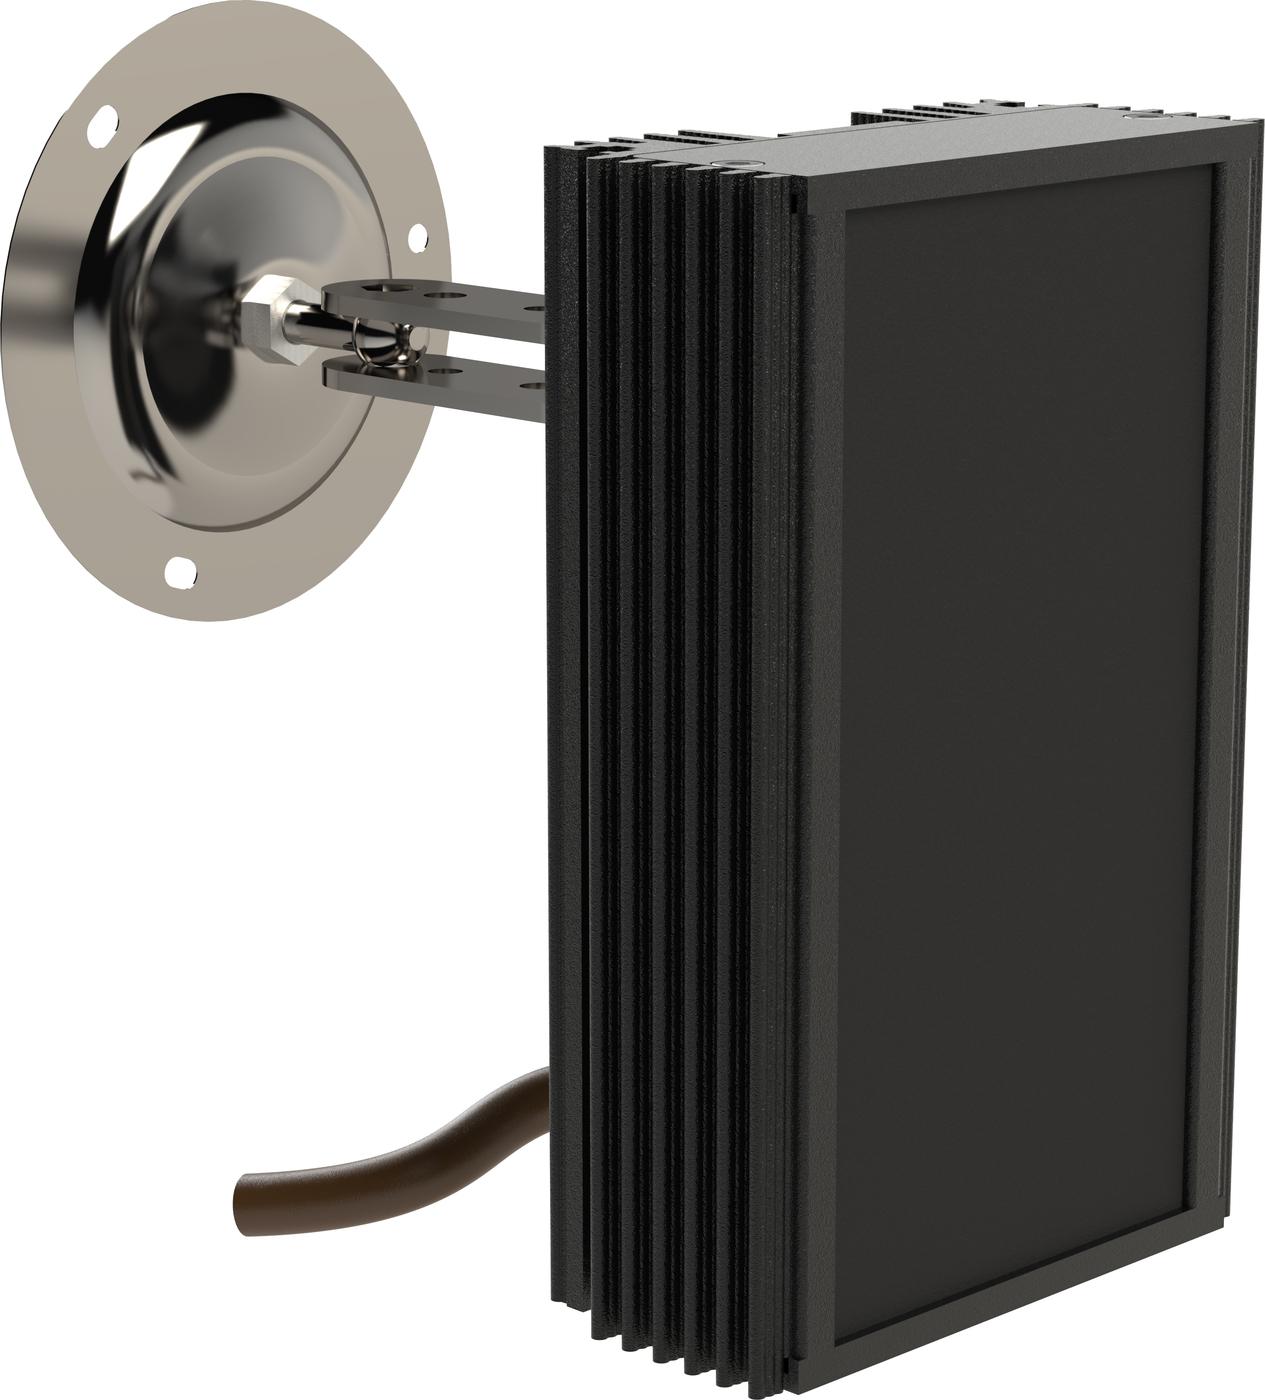 Инфракрасный прожектор Microlight IR Helios XXL 60/12 940 нм Для полностью скрытого видеонаблюдения Широкоугольный 60 град. Дальность до 30 метров ночного видения Уличный IP67